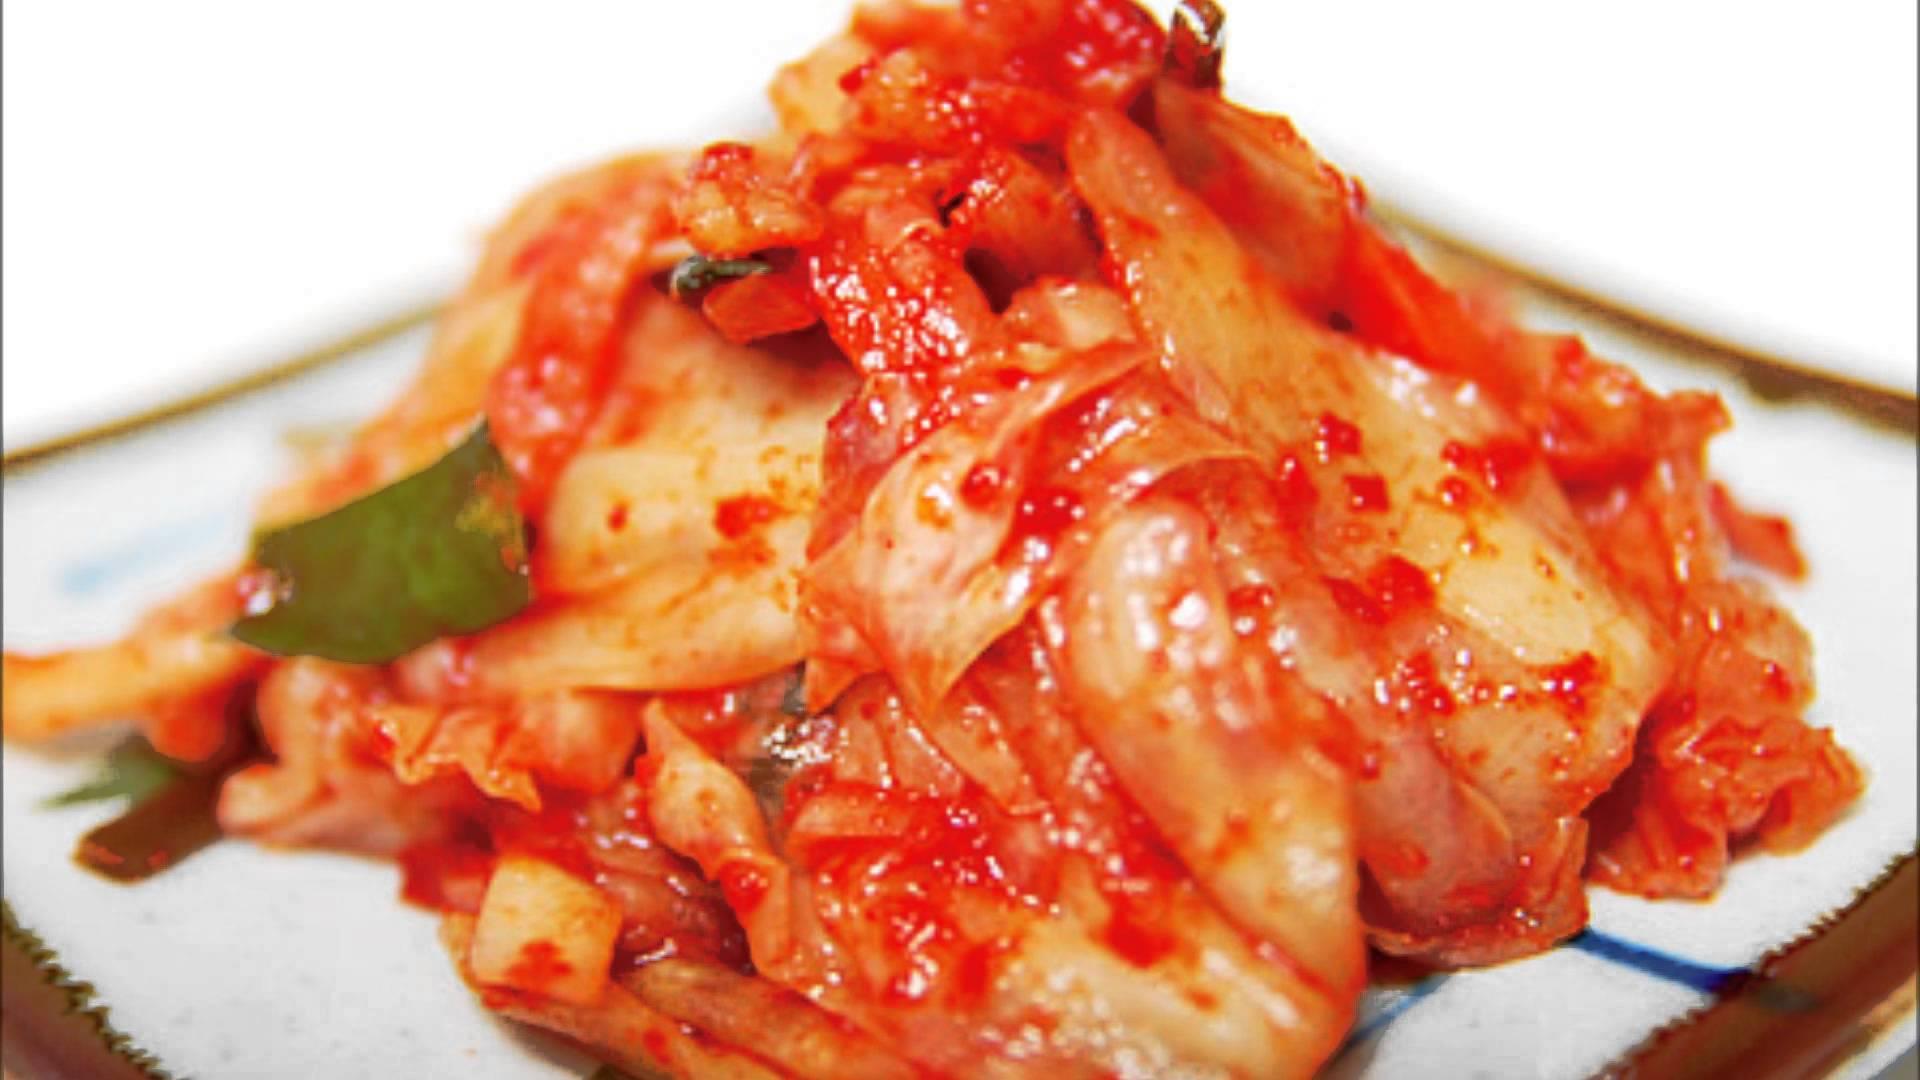 栄養満点キムチの栄養効果とキムチdeワンディッシュ☆満腹レシピ♪のサムネイル画像